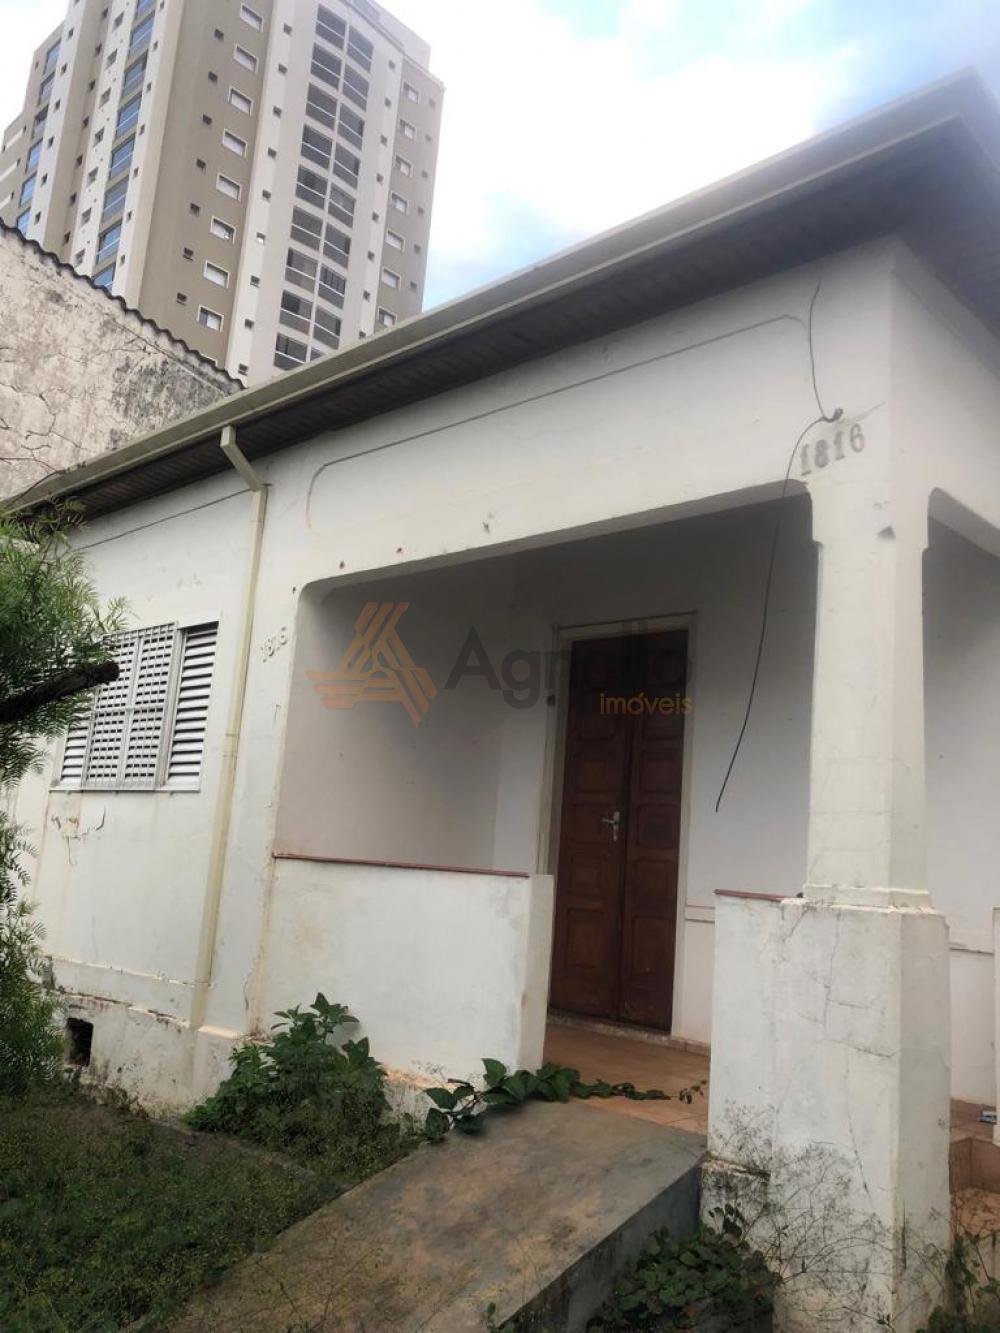 Comprar Casa / Padrão em Franca apenas R$ 340.000,00 - Foto 1